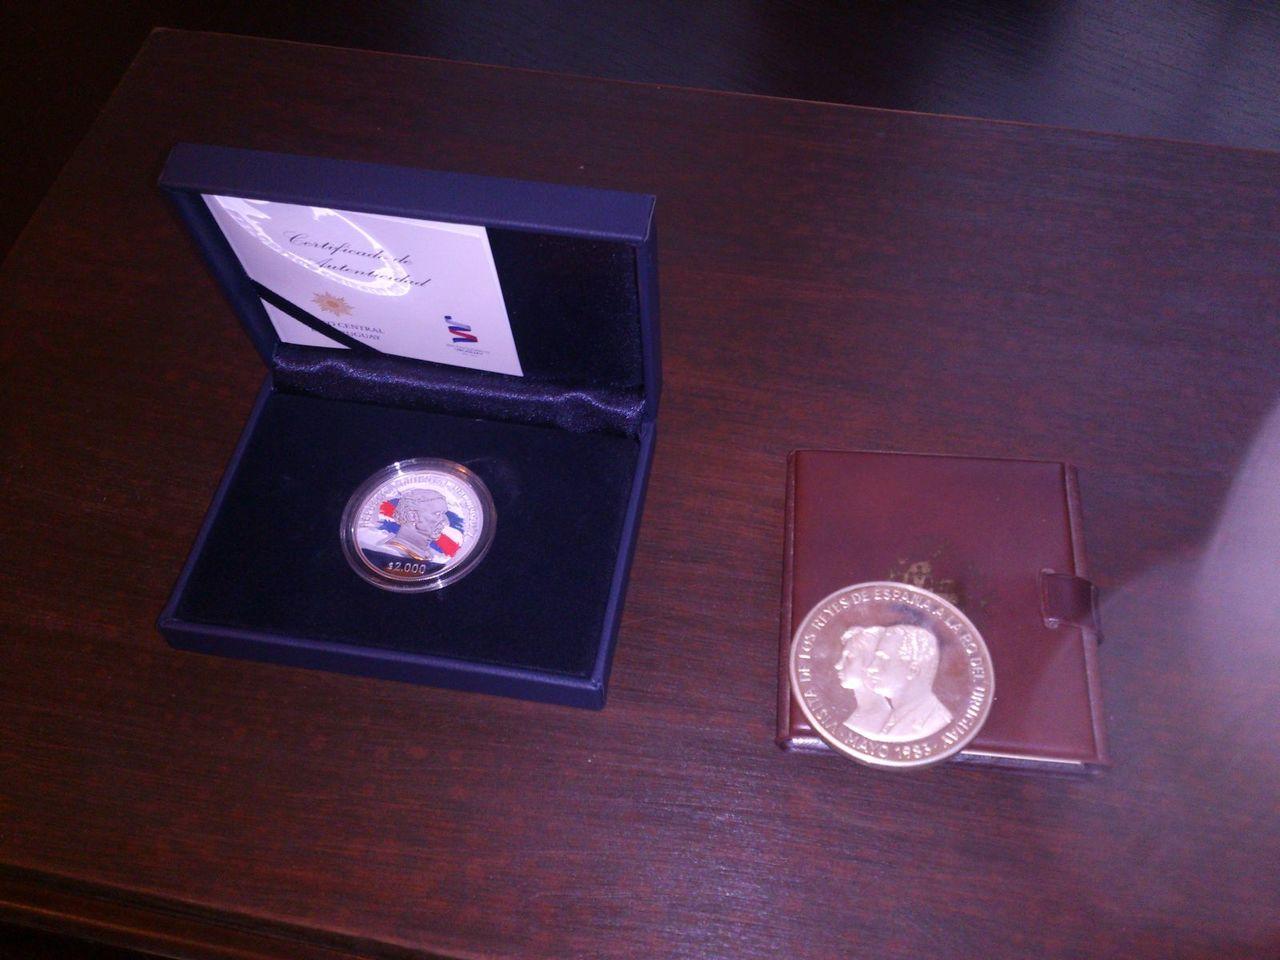 Monedas conmemorativas de Uruguay acuñadas en plata 1961 - Presente. - Página 2 DSC_8965